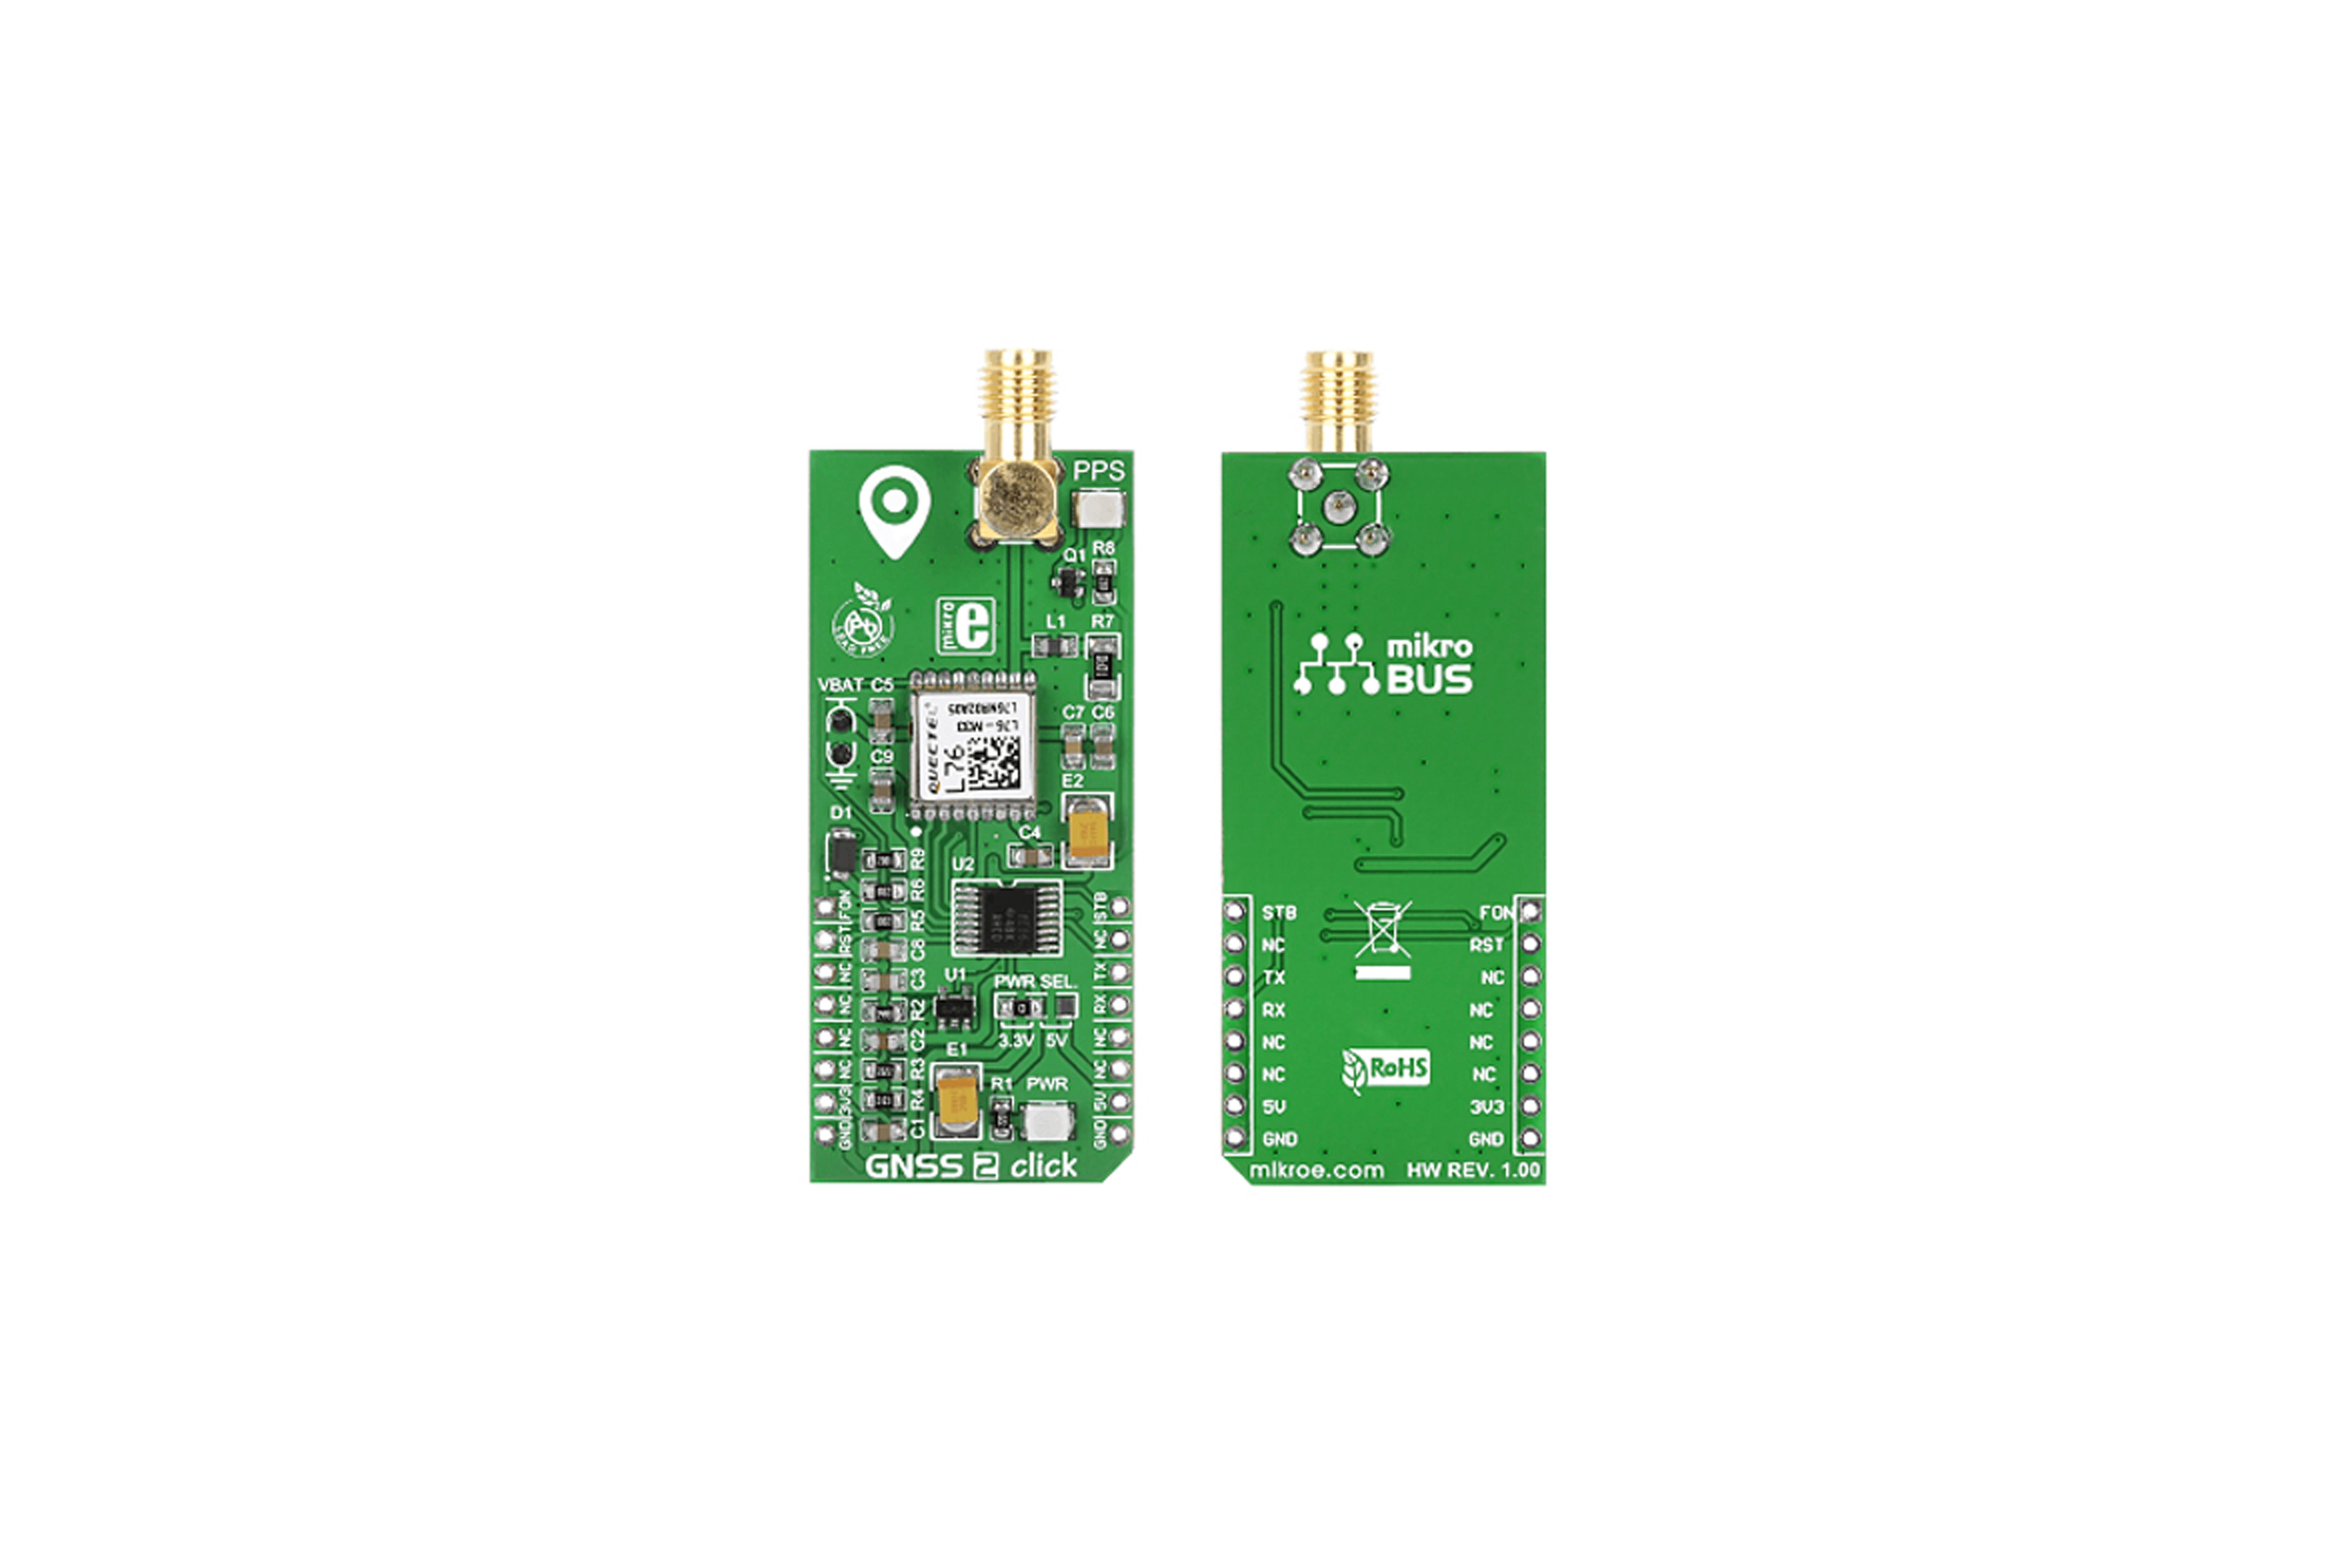 MikroElektronika GNSS2 GPS mikroBus Click Board per L76